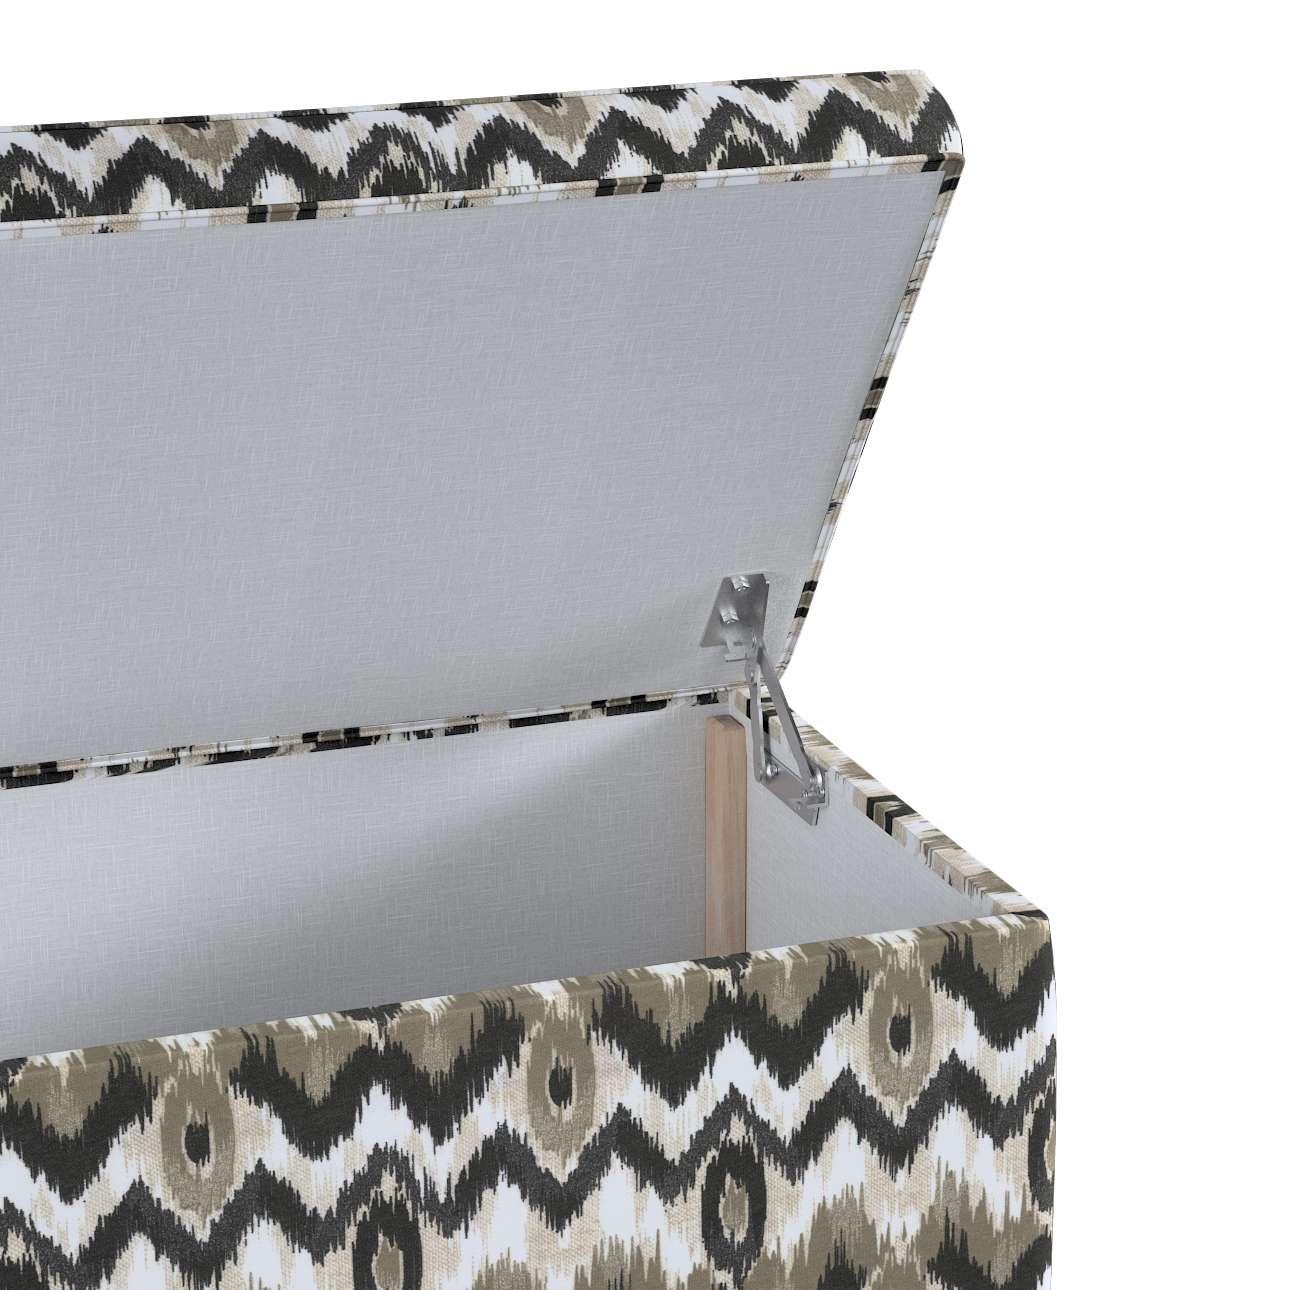 Skrzynia tapicerowana w kolekcji Modern, tkanina: 141-88